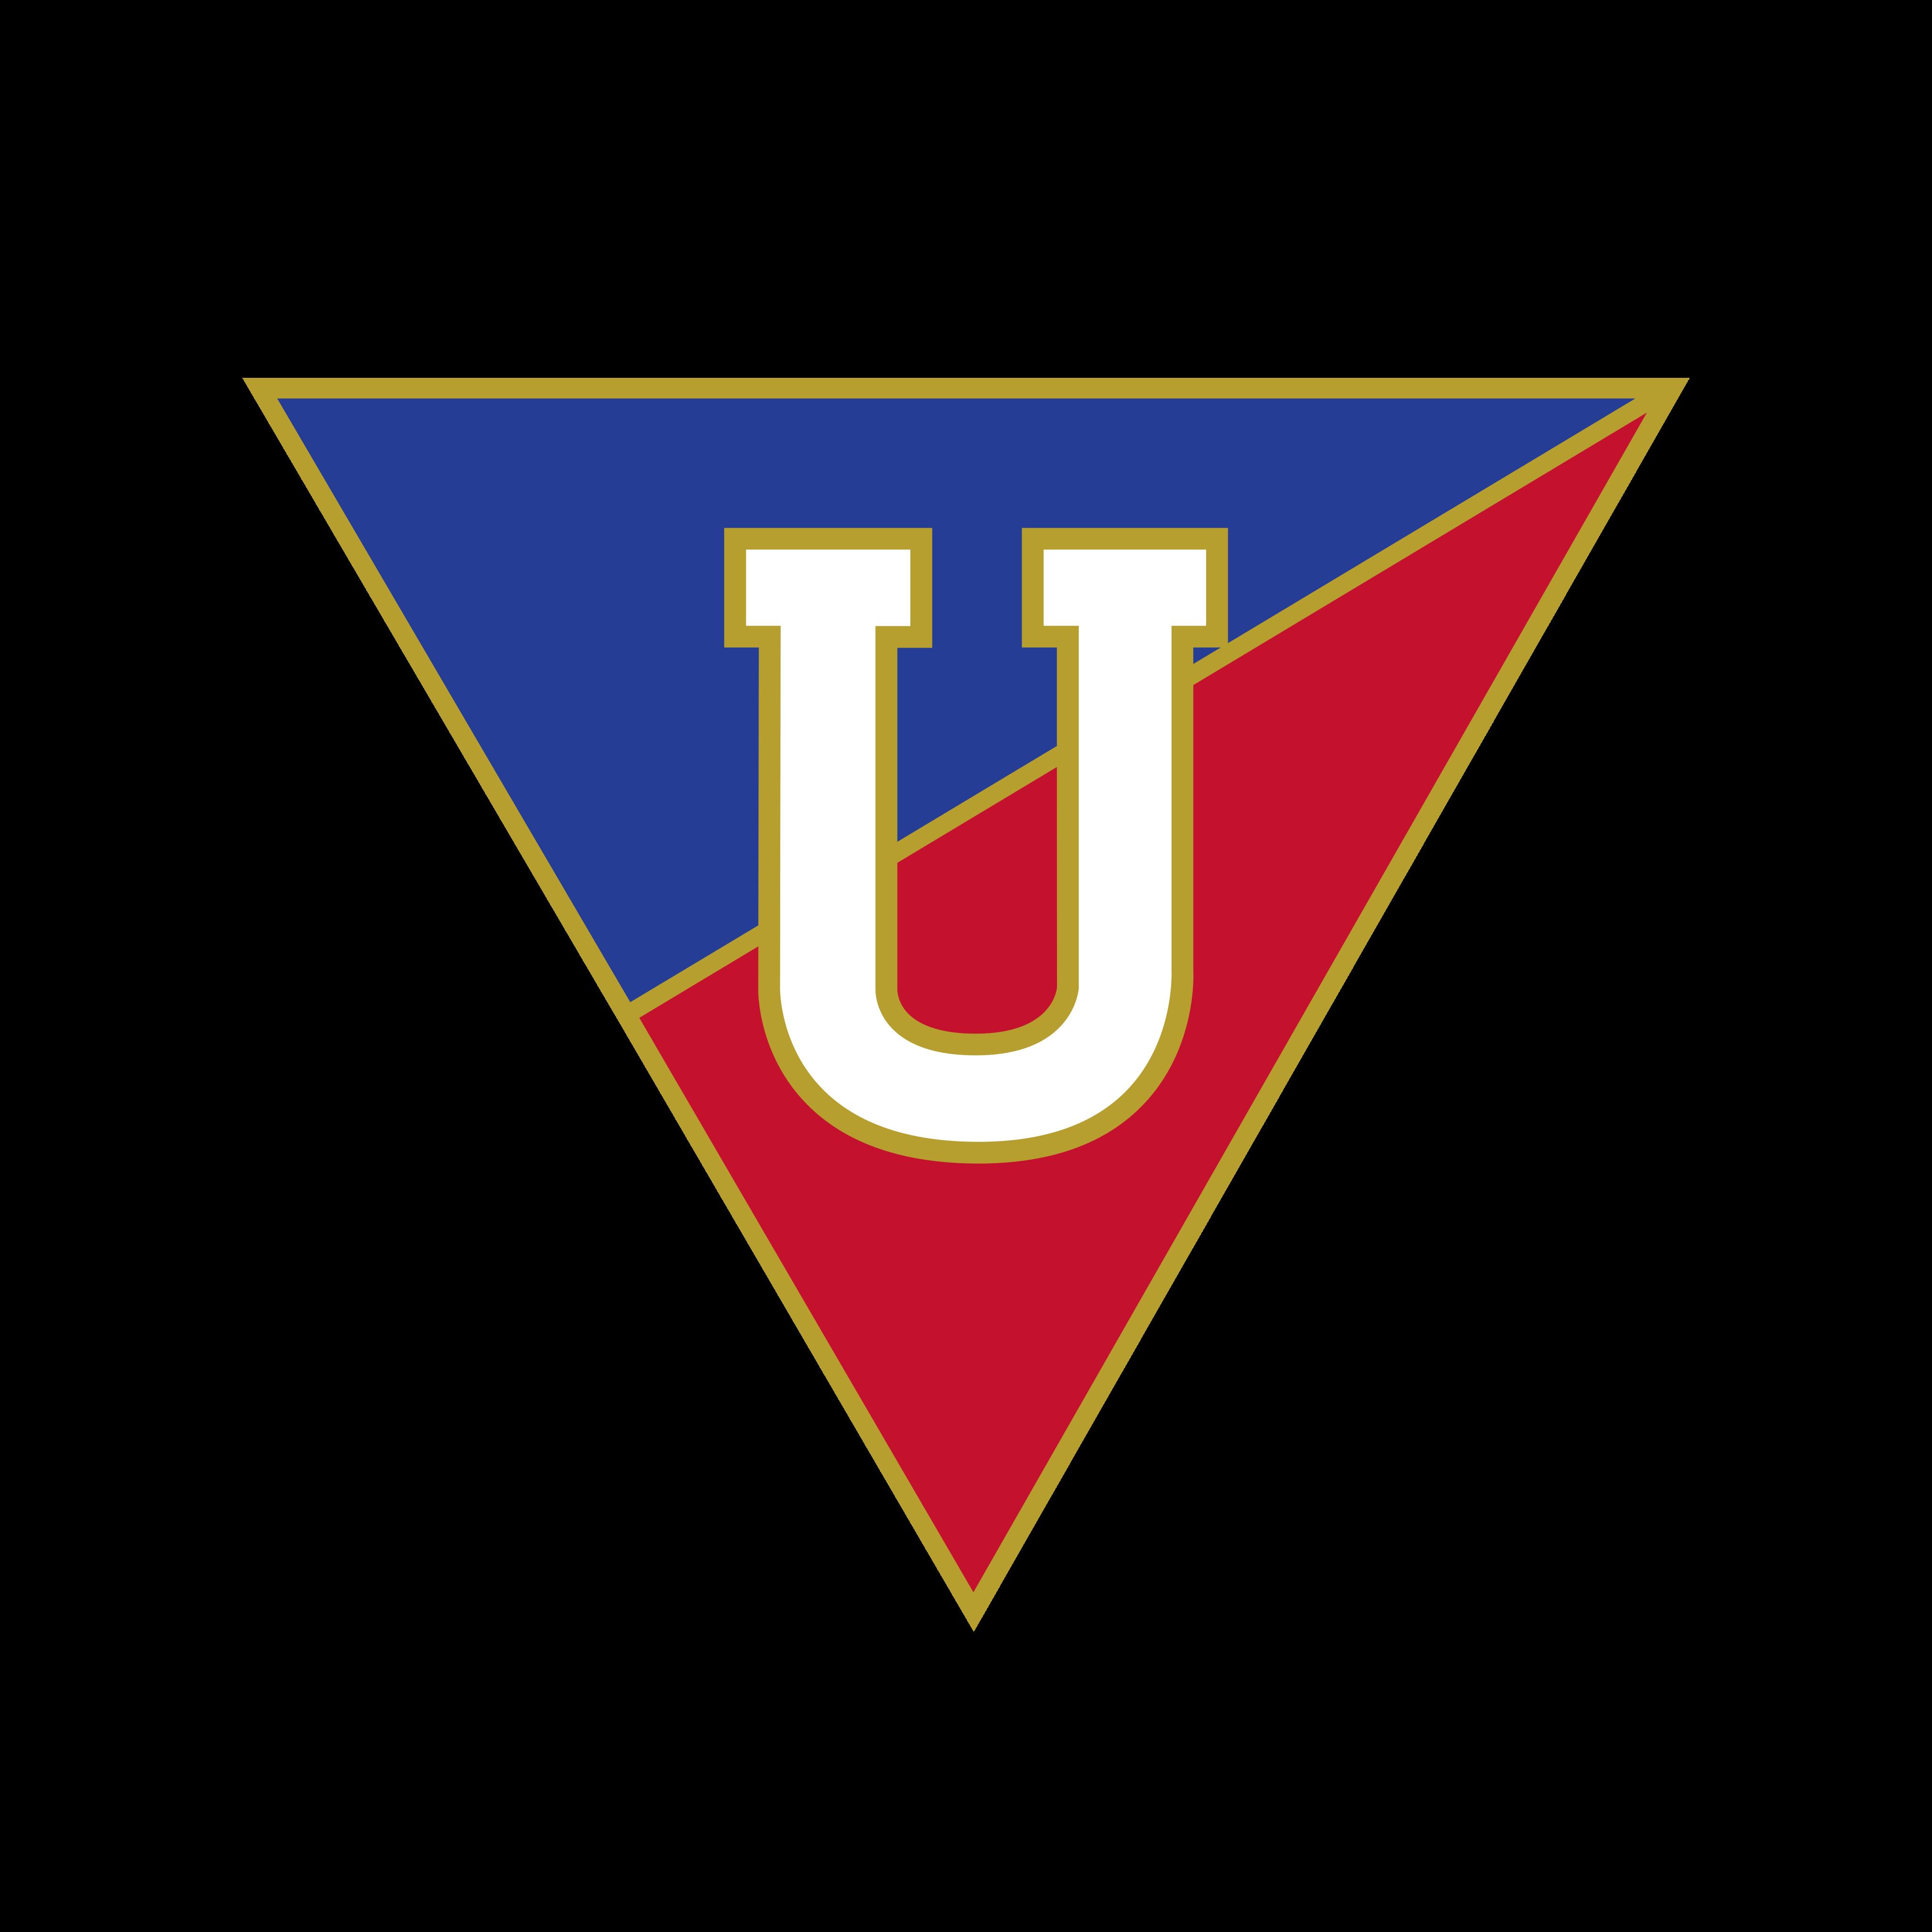 ldu logo 0 - LDU Logo - Liga Deportiva Universitaria de Quito Escudo